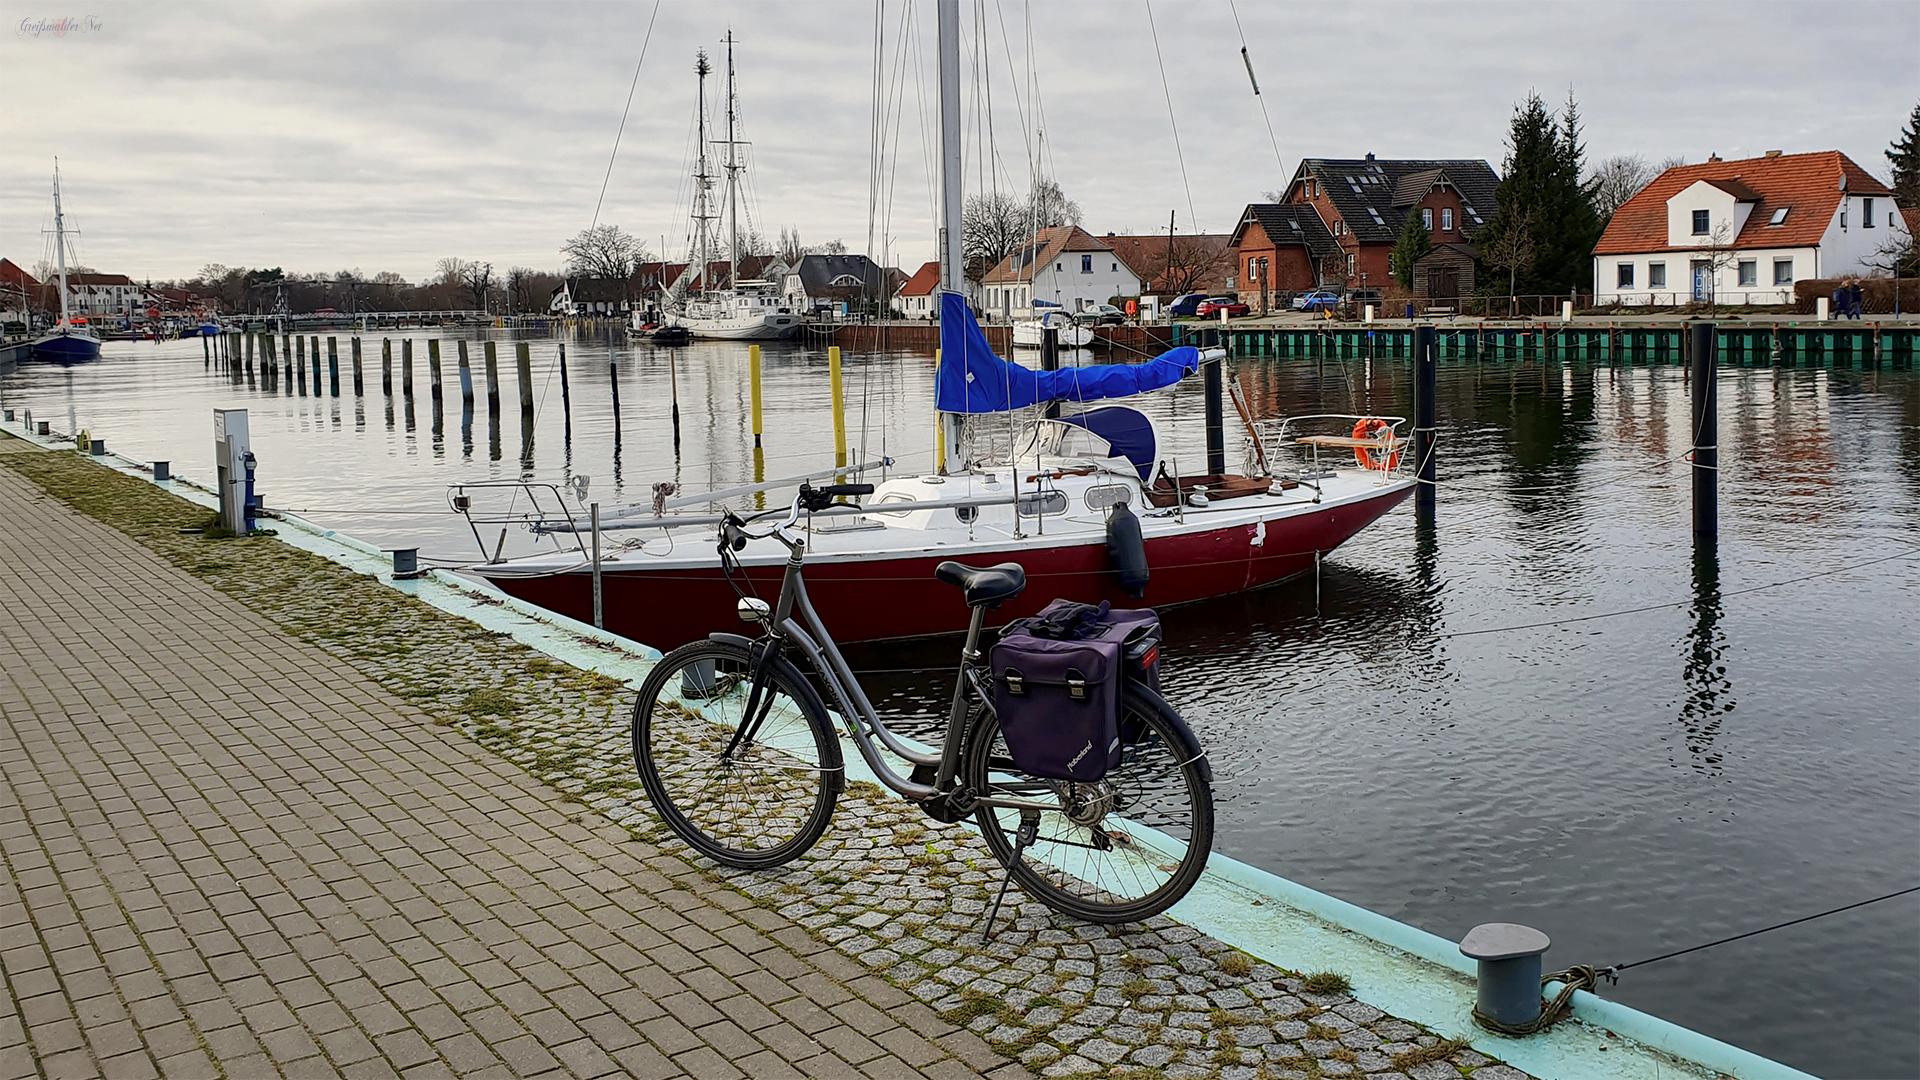 Samstagnachmittag in Greifswald-Wieck